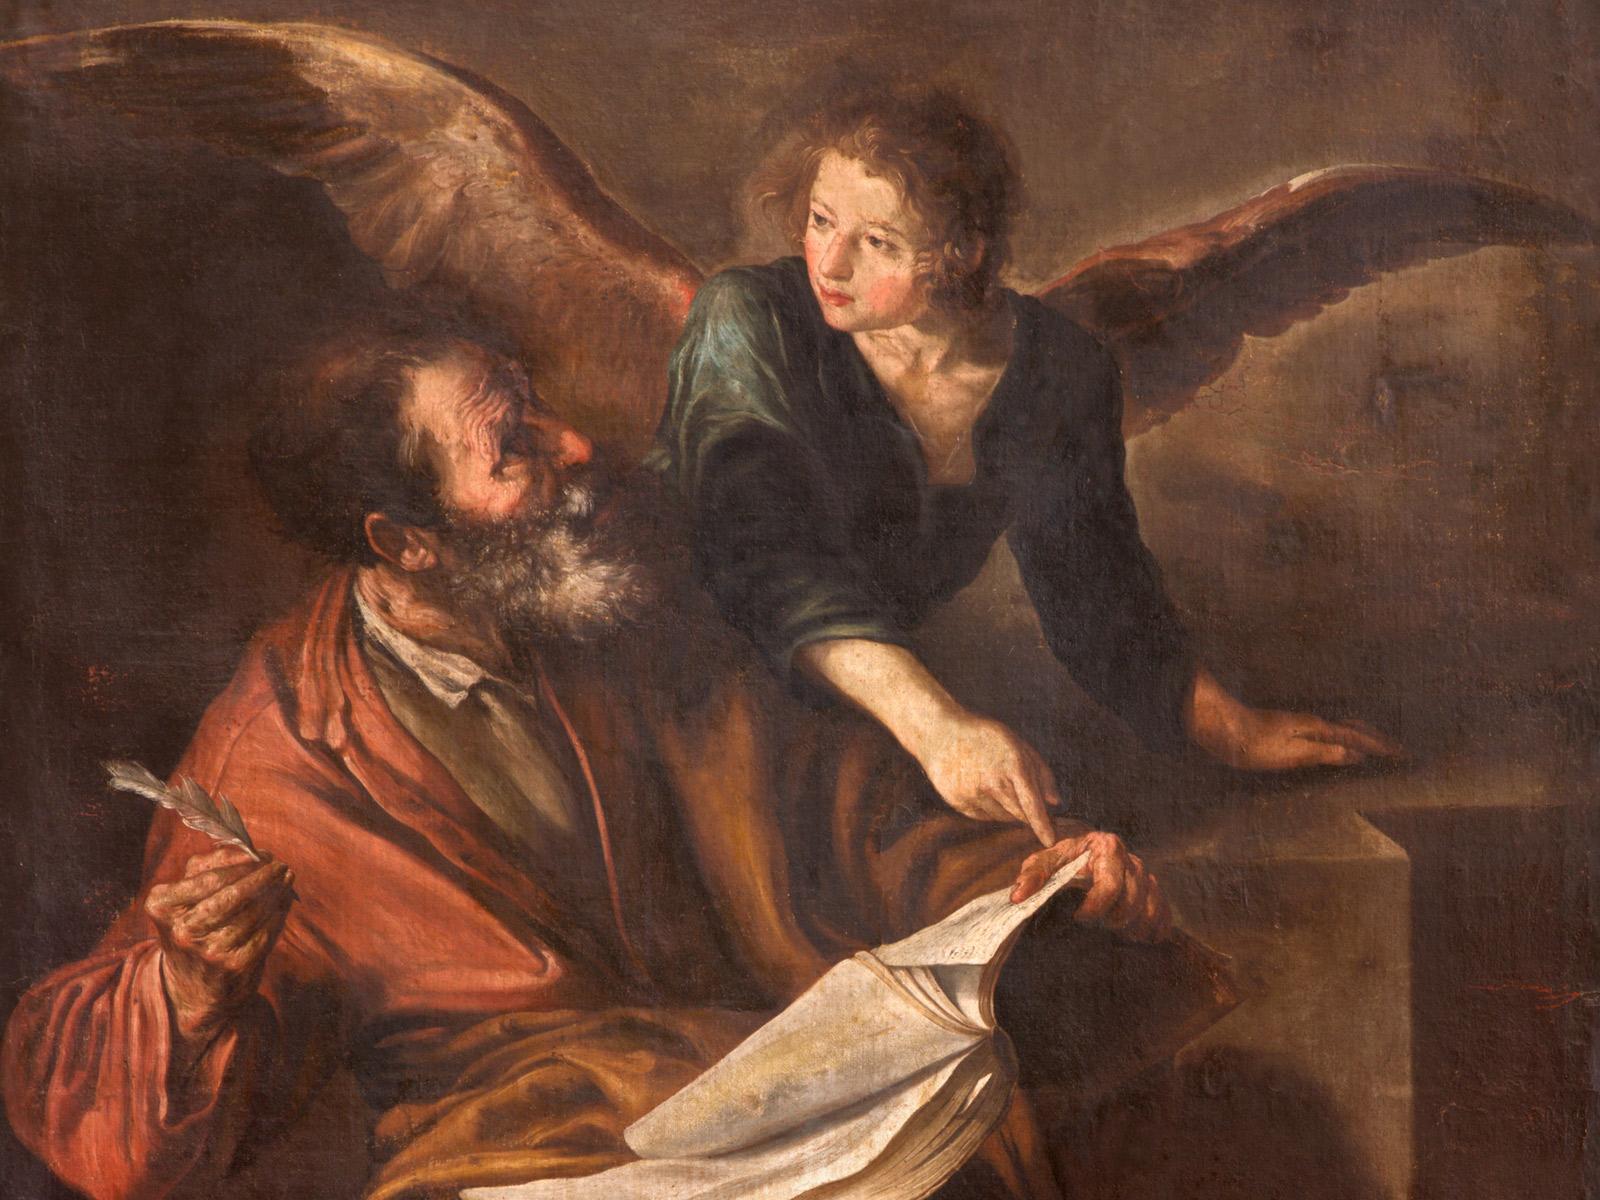 São Mateus, Apóstolo do Senhor e Evangelista